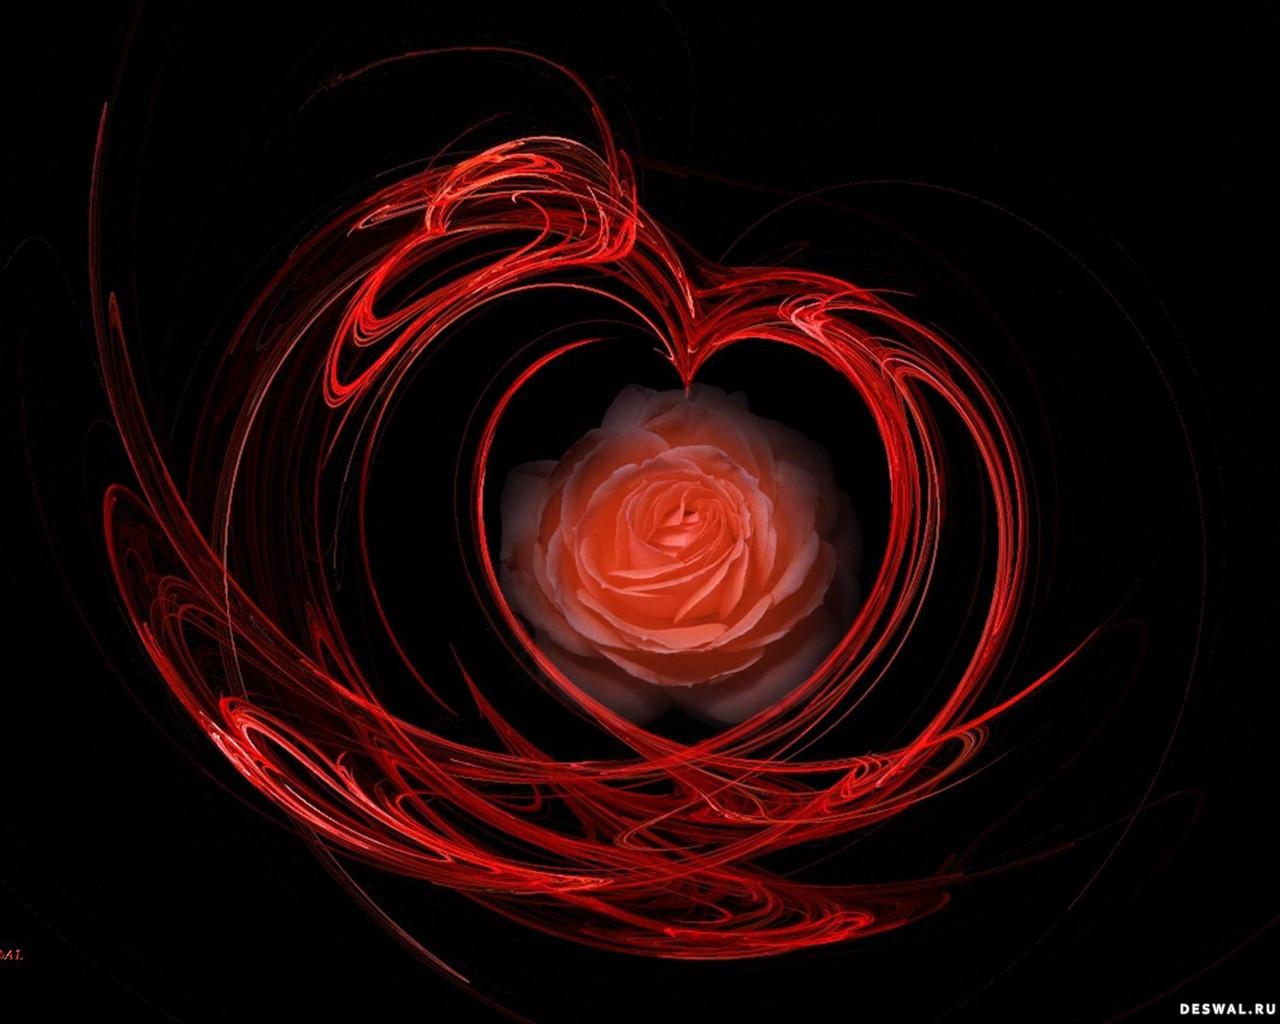 Фото 54. Нажмите на картинку с романтическими обоями - любовь, чтобы просмотреть ее в реальном размере